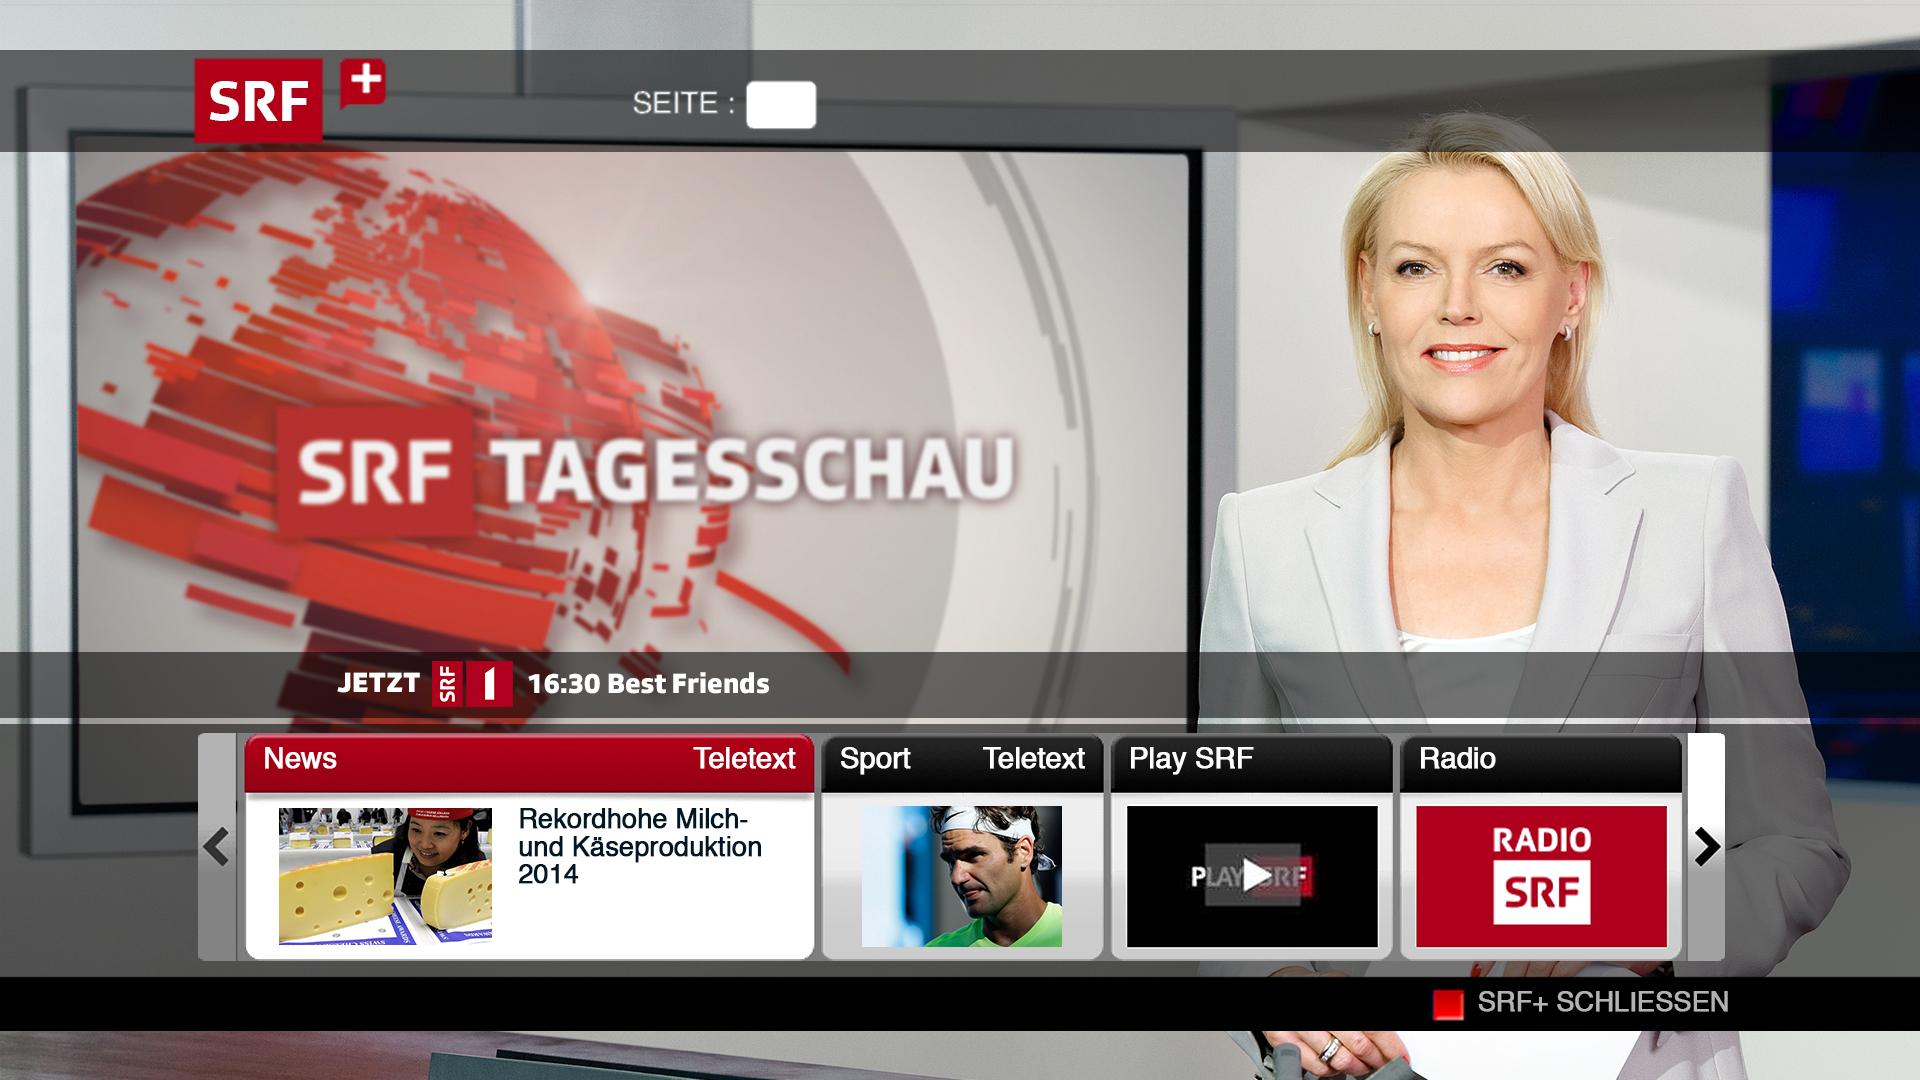 Was ist HBBTV - HbbTV steht für «Hybrid broadcast broadband TV». Dies bedeutet, dass Fernsehen und Internet miteinander verschmelzen. Das HbbTV Angebot der TV Sendeanstalten bietet weit mehr als einen grafisch erweiterten Teletext. Via «Play» roter Knopf auf Ihrer Fernbedienung- können Sie auf bereits ausgestrahlte Sendungen zurückgreifen. Künftig werden Sie auch die Möglichkeit haben, per Televoting Ihre Meinung kund zu tun und sich aktiv am Geschehen zu beteiligen.